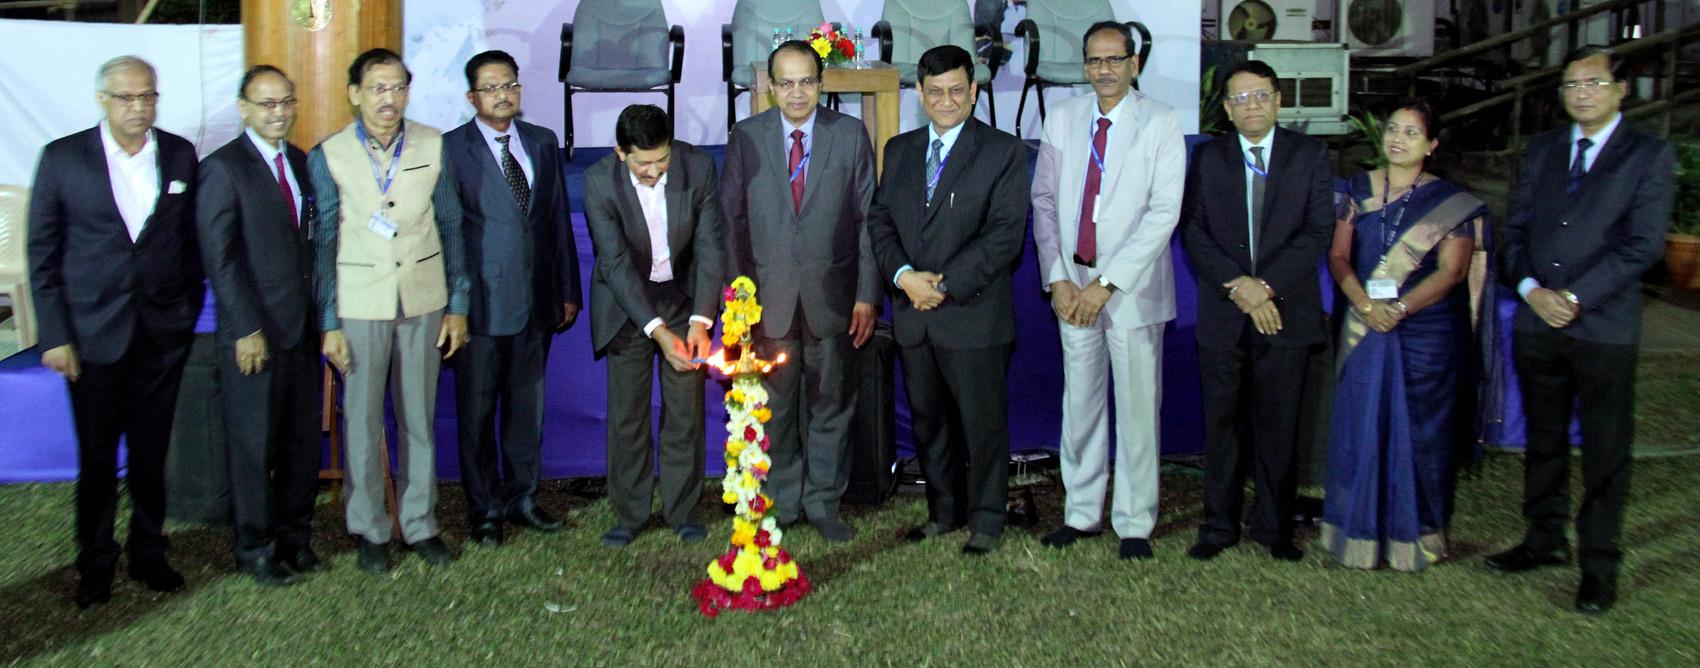 बँक ऑफ महाराष्ट्रचा 84 व व्यवसाय वर्धापन दिन देशभर उत्साहात साजरा